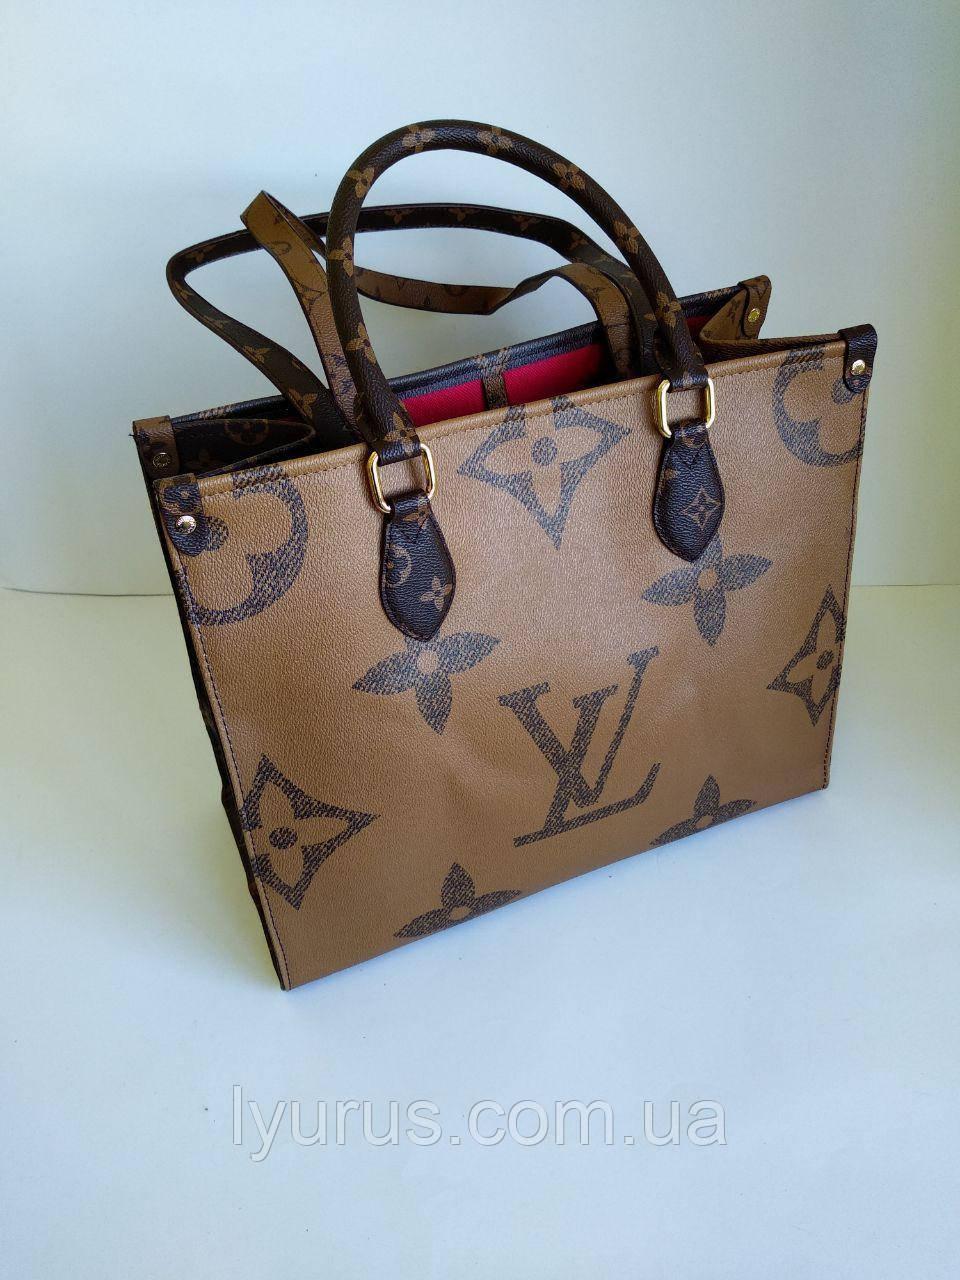 Сумка женская вместительная Louis Vuitton Onthego Monogram  шопер